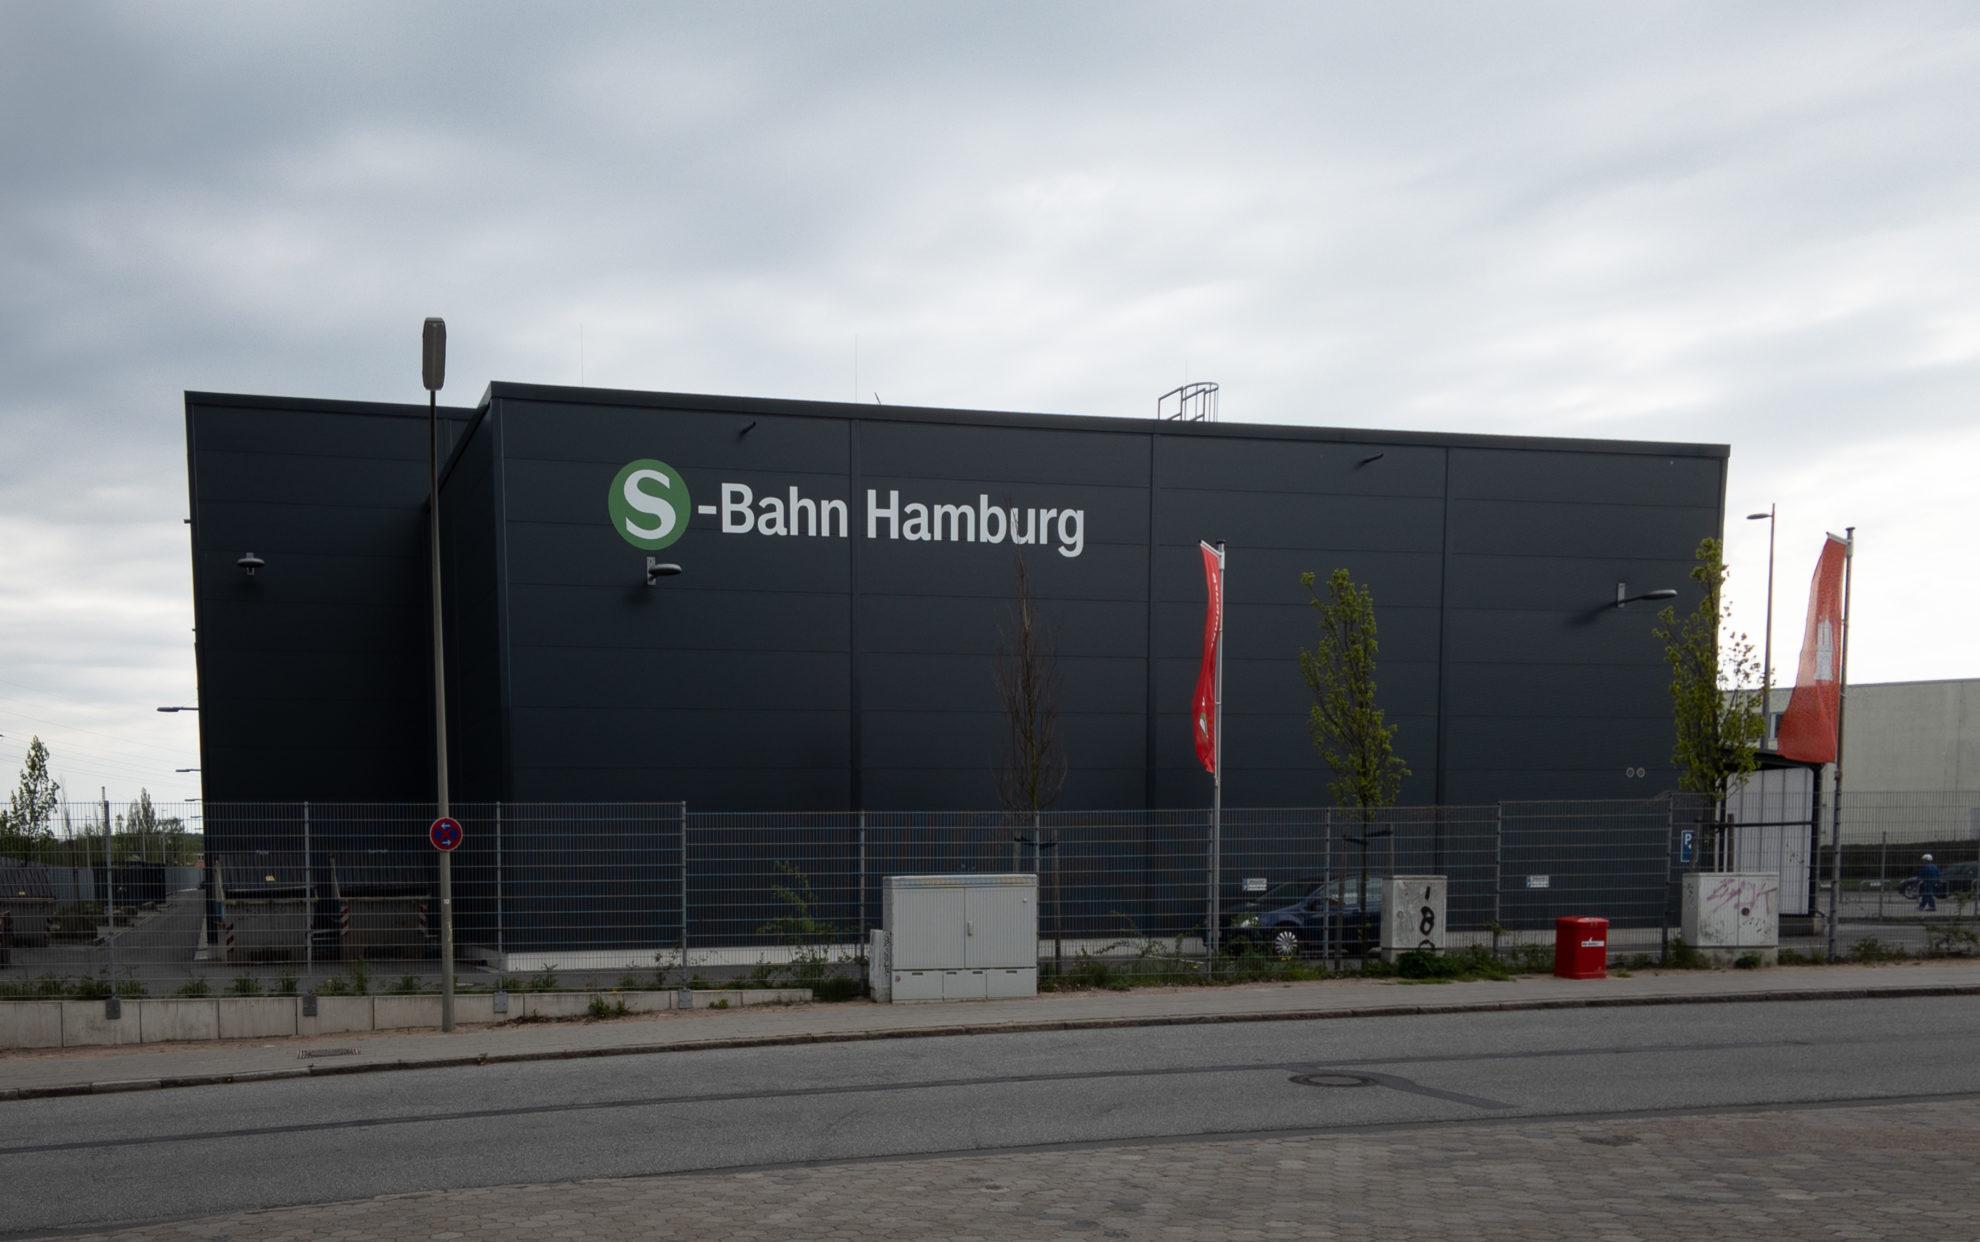 S-Bahn-Ausbesserungswerk Elbgaustraße